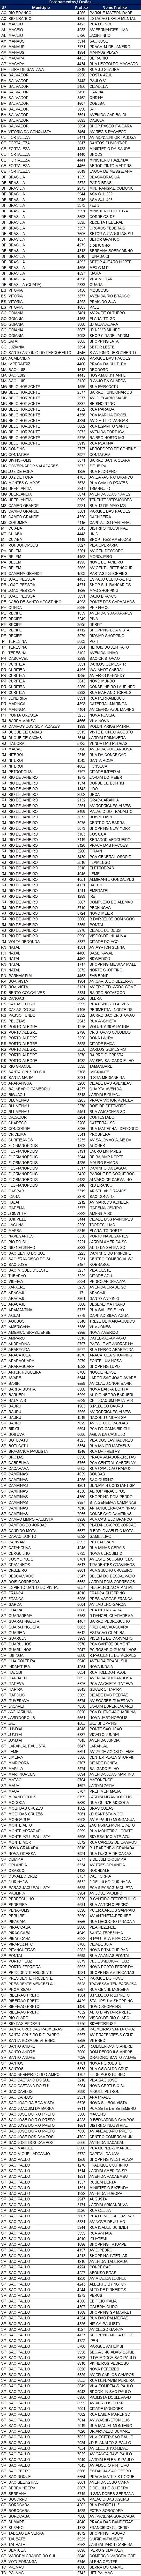 BB: lista de agências que serão fechadas. (Foto: Banco do Brasil)